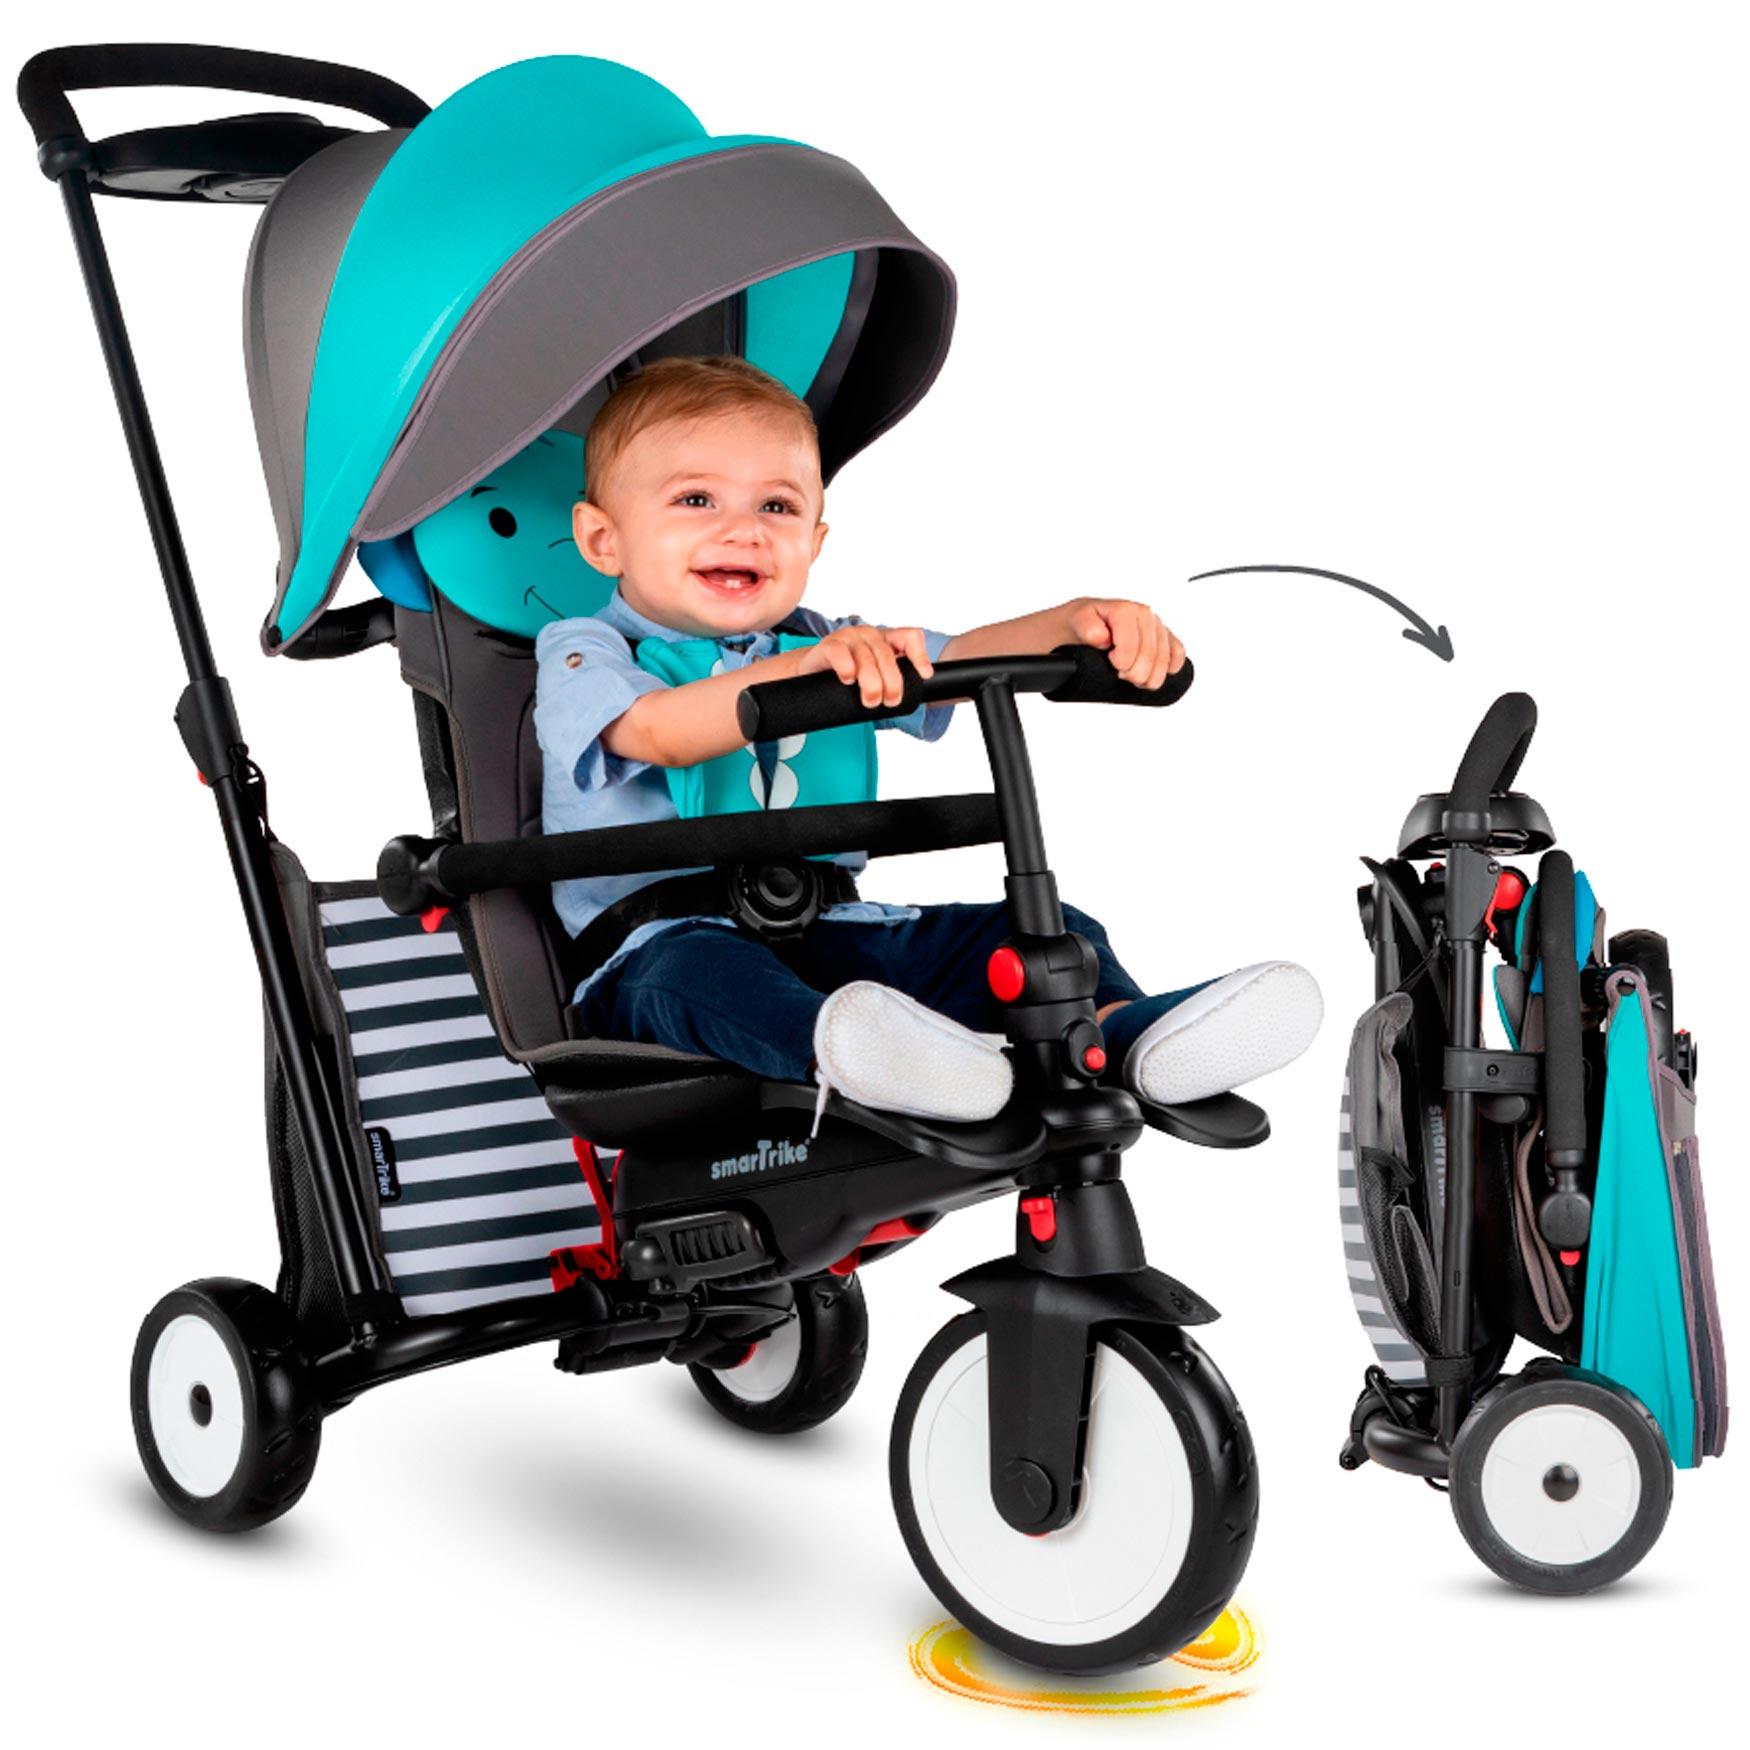 Smartrike Folding Trike 7in1 STR 5 Blue Bērnu trīsritenis